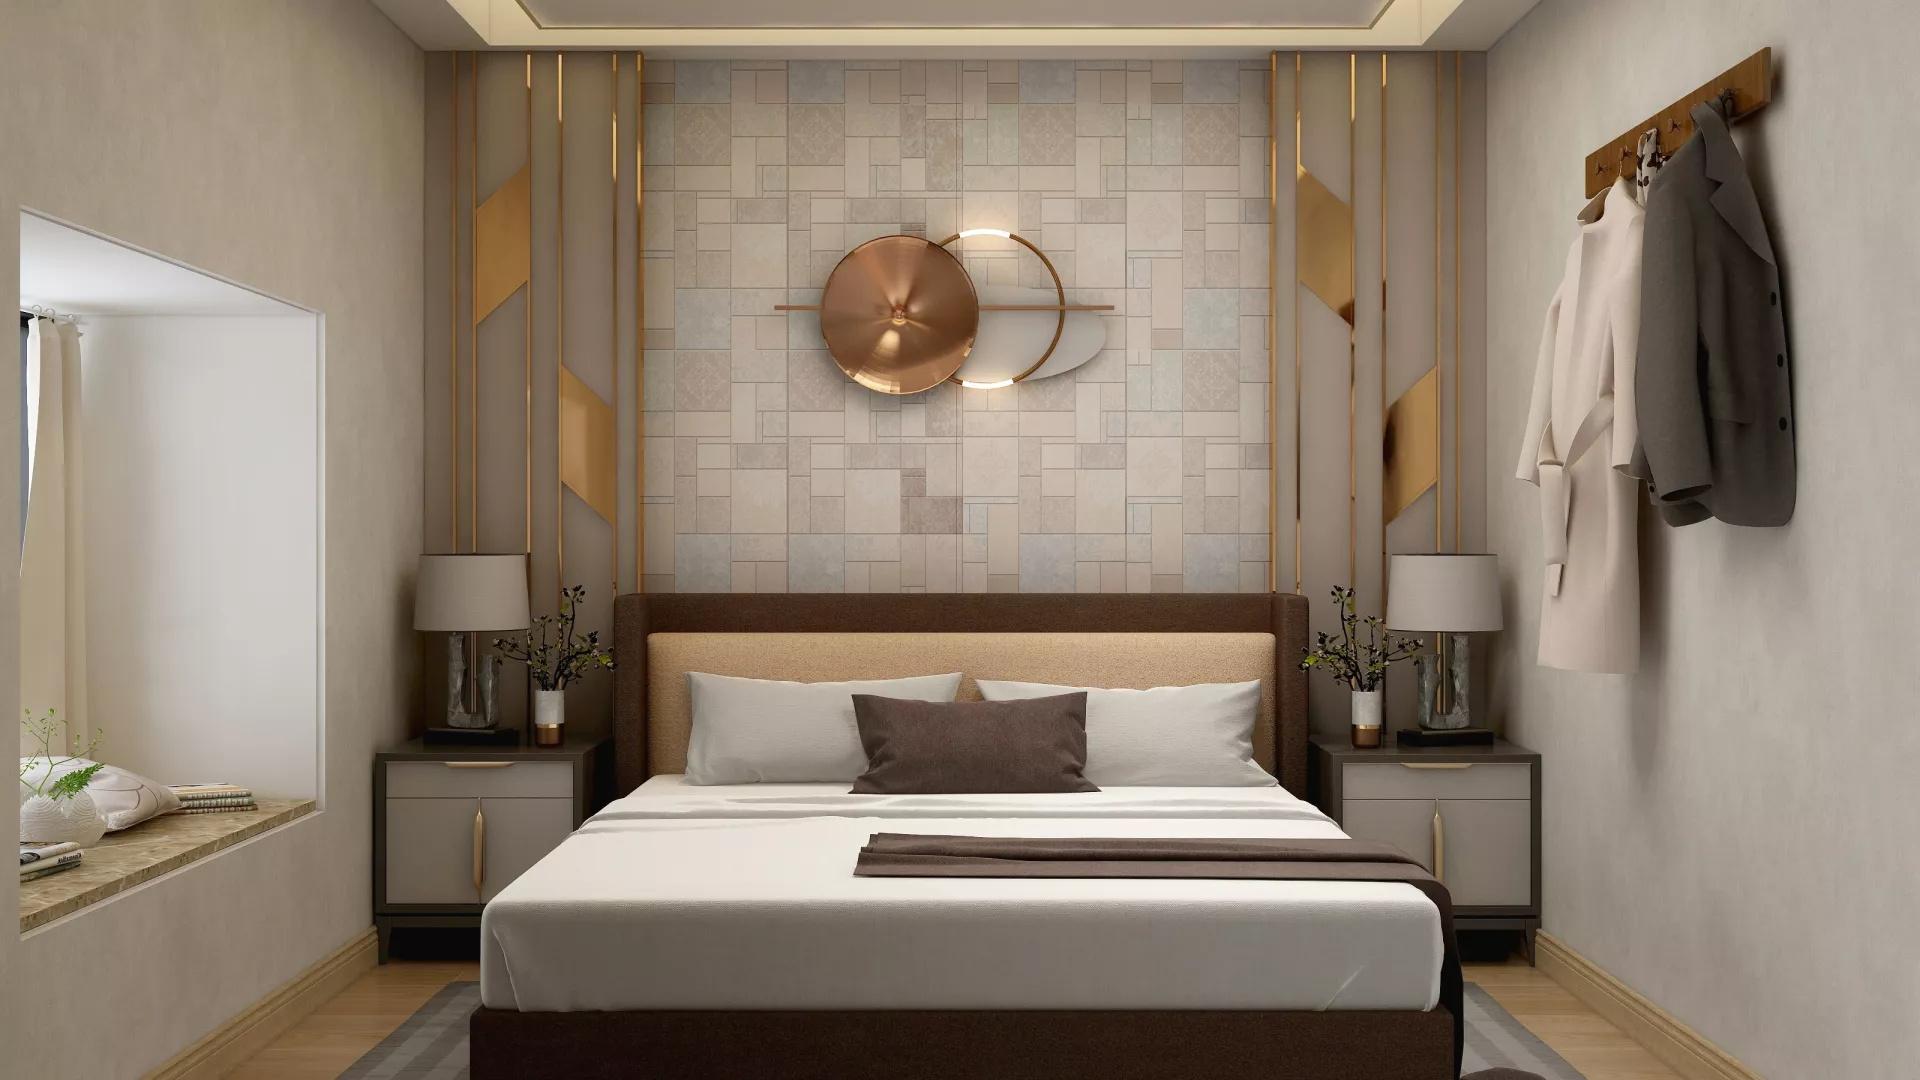 室内装修省钱的诀窍 室内装修怎样最省钱